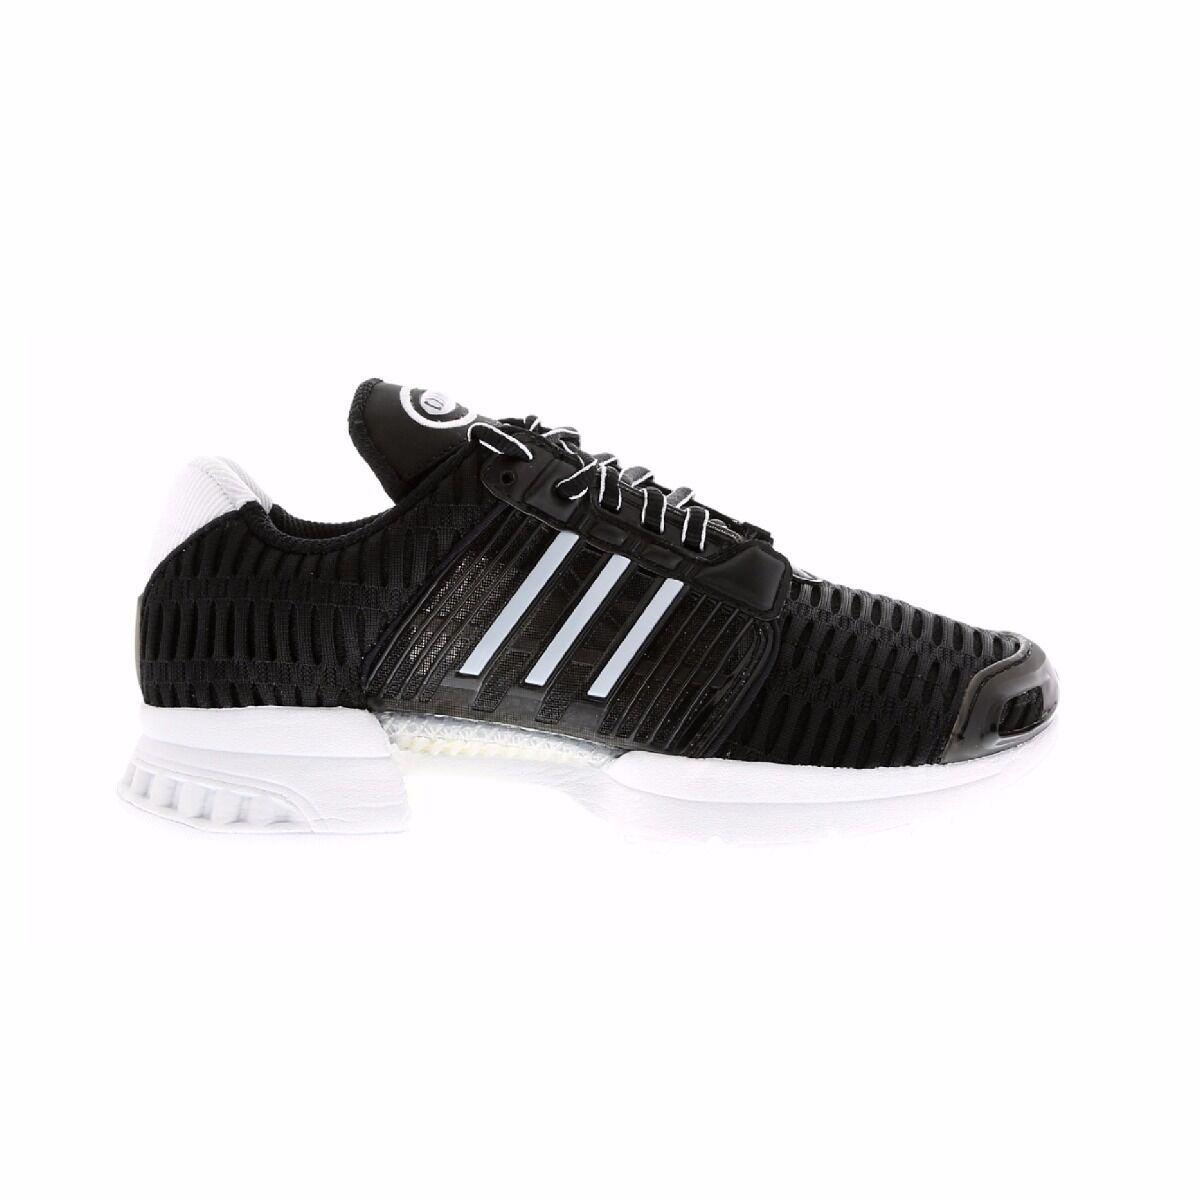 Bdidas Klima Cool 1 Damen Turnschuhe Größe 3,5 zu 6 Schuhe schwarz weiß